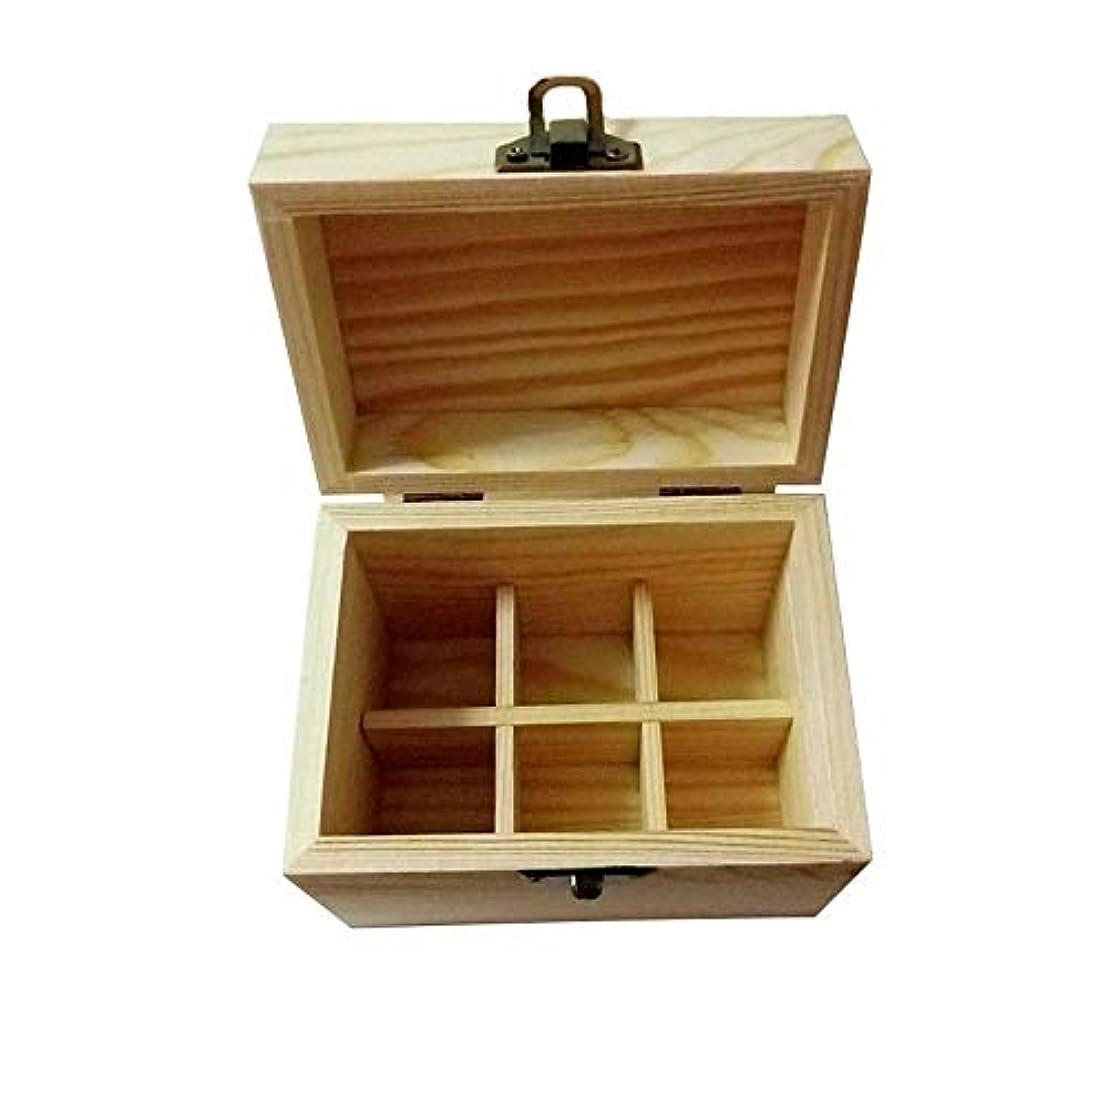 コンパイル開示するレーザエッセンシャルオイルの保管 エッセンシャルオイルストレージボックスケース木製??の主催者は6本のキャリングセーフボトルやホームストレージの表示を保持します (色 : Natural, サイズ : 11.5X8X9.5CM)